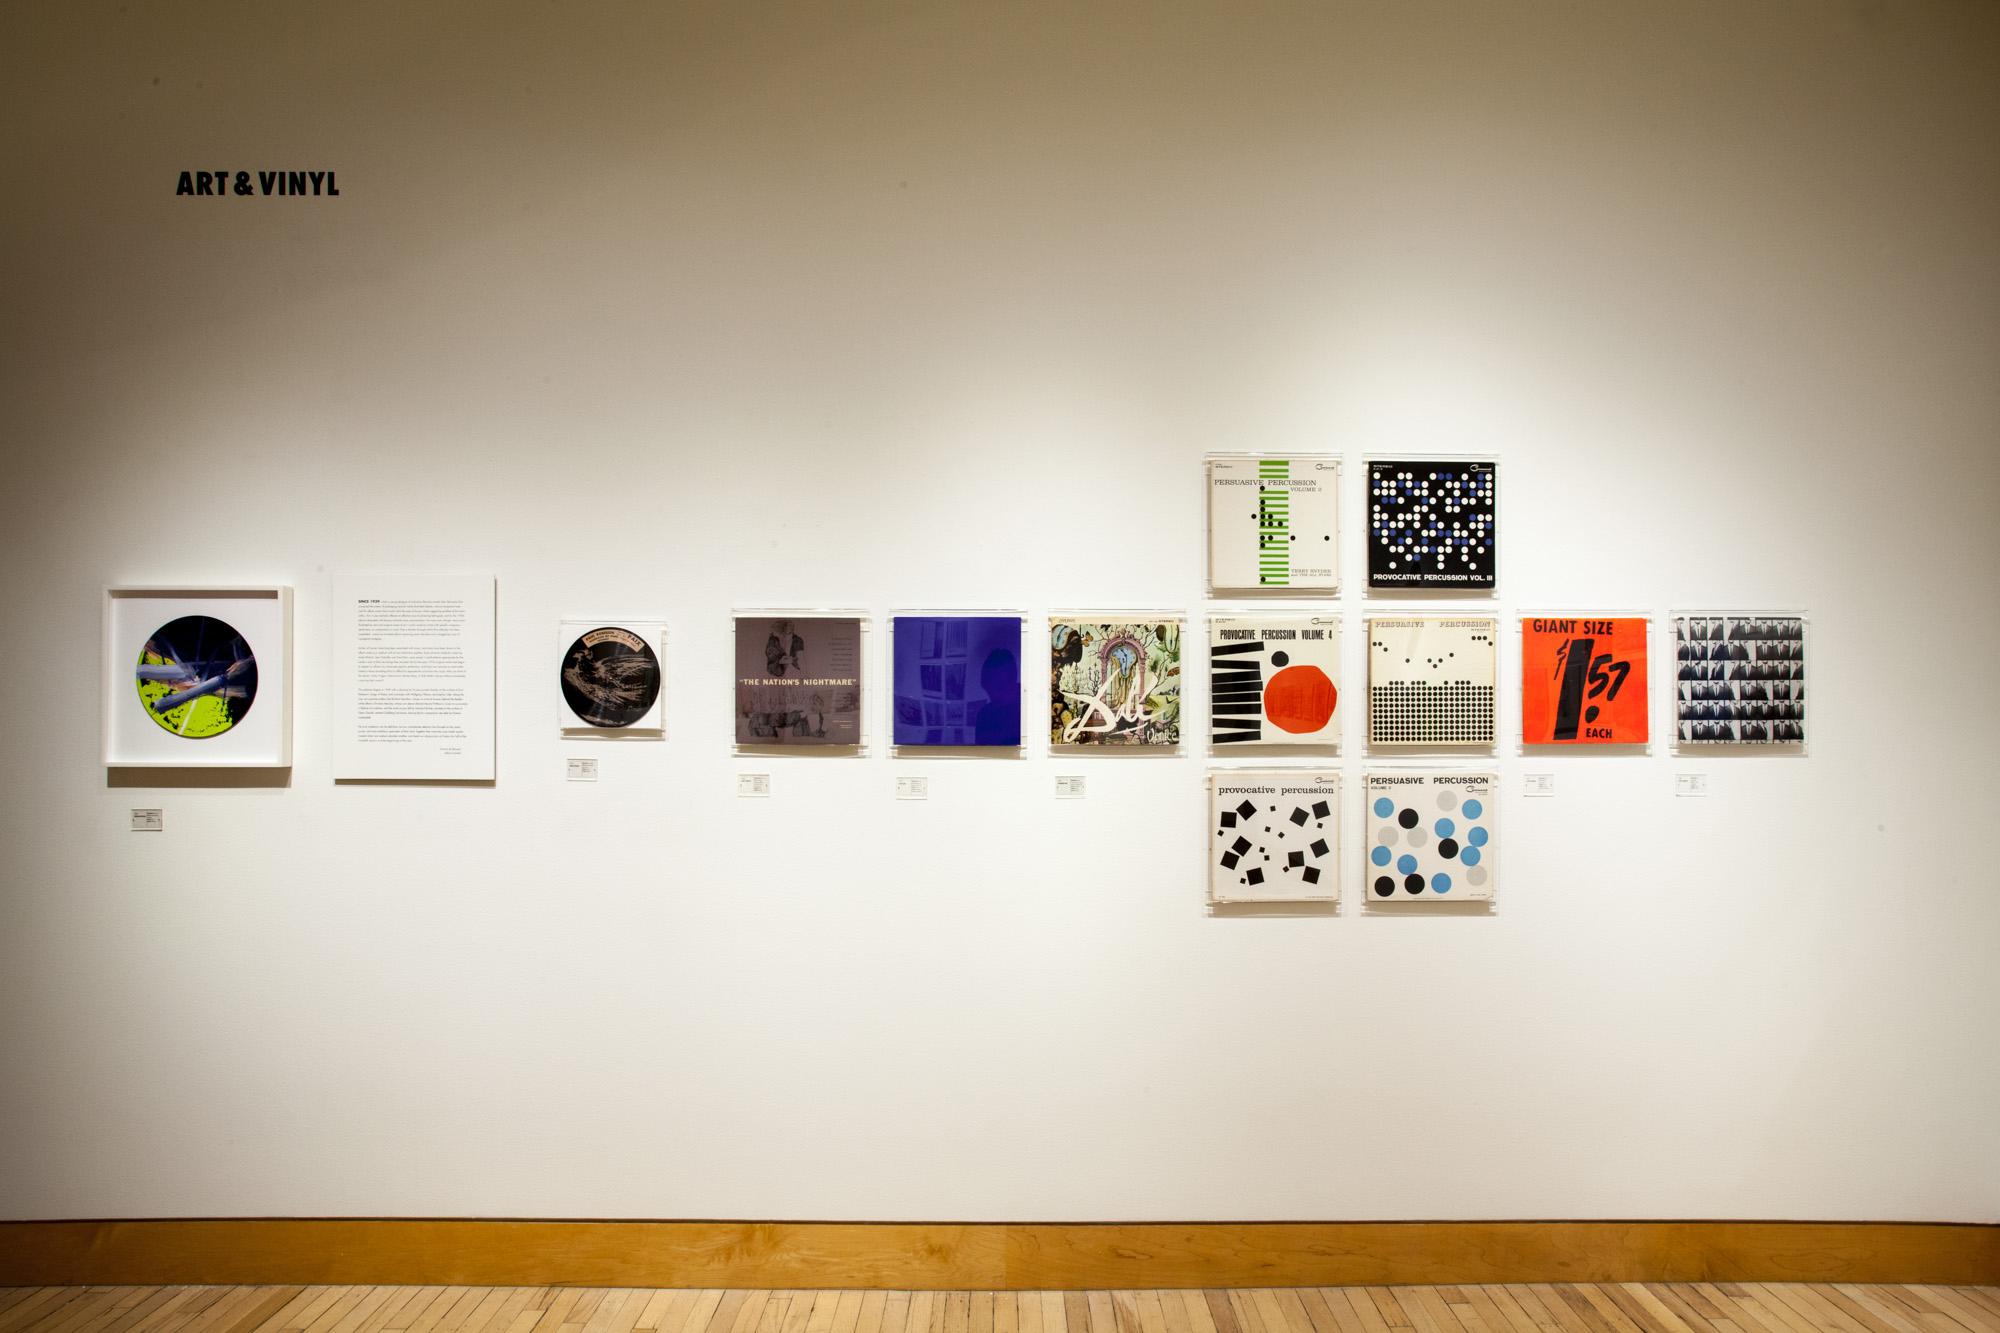 'Art & Vinyl'